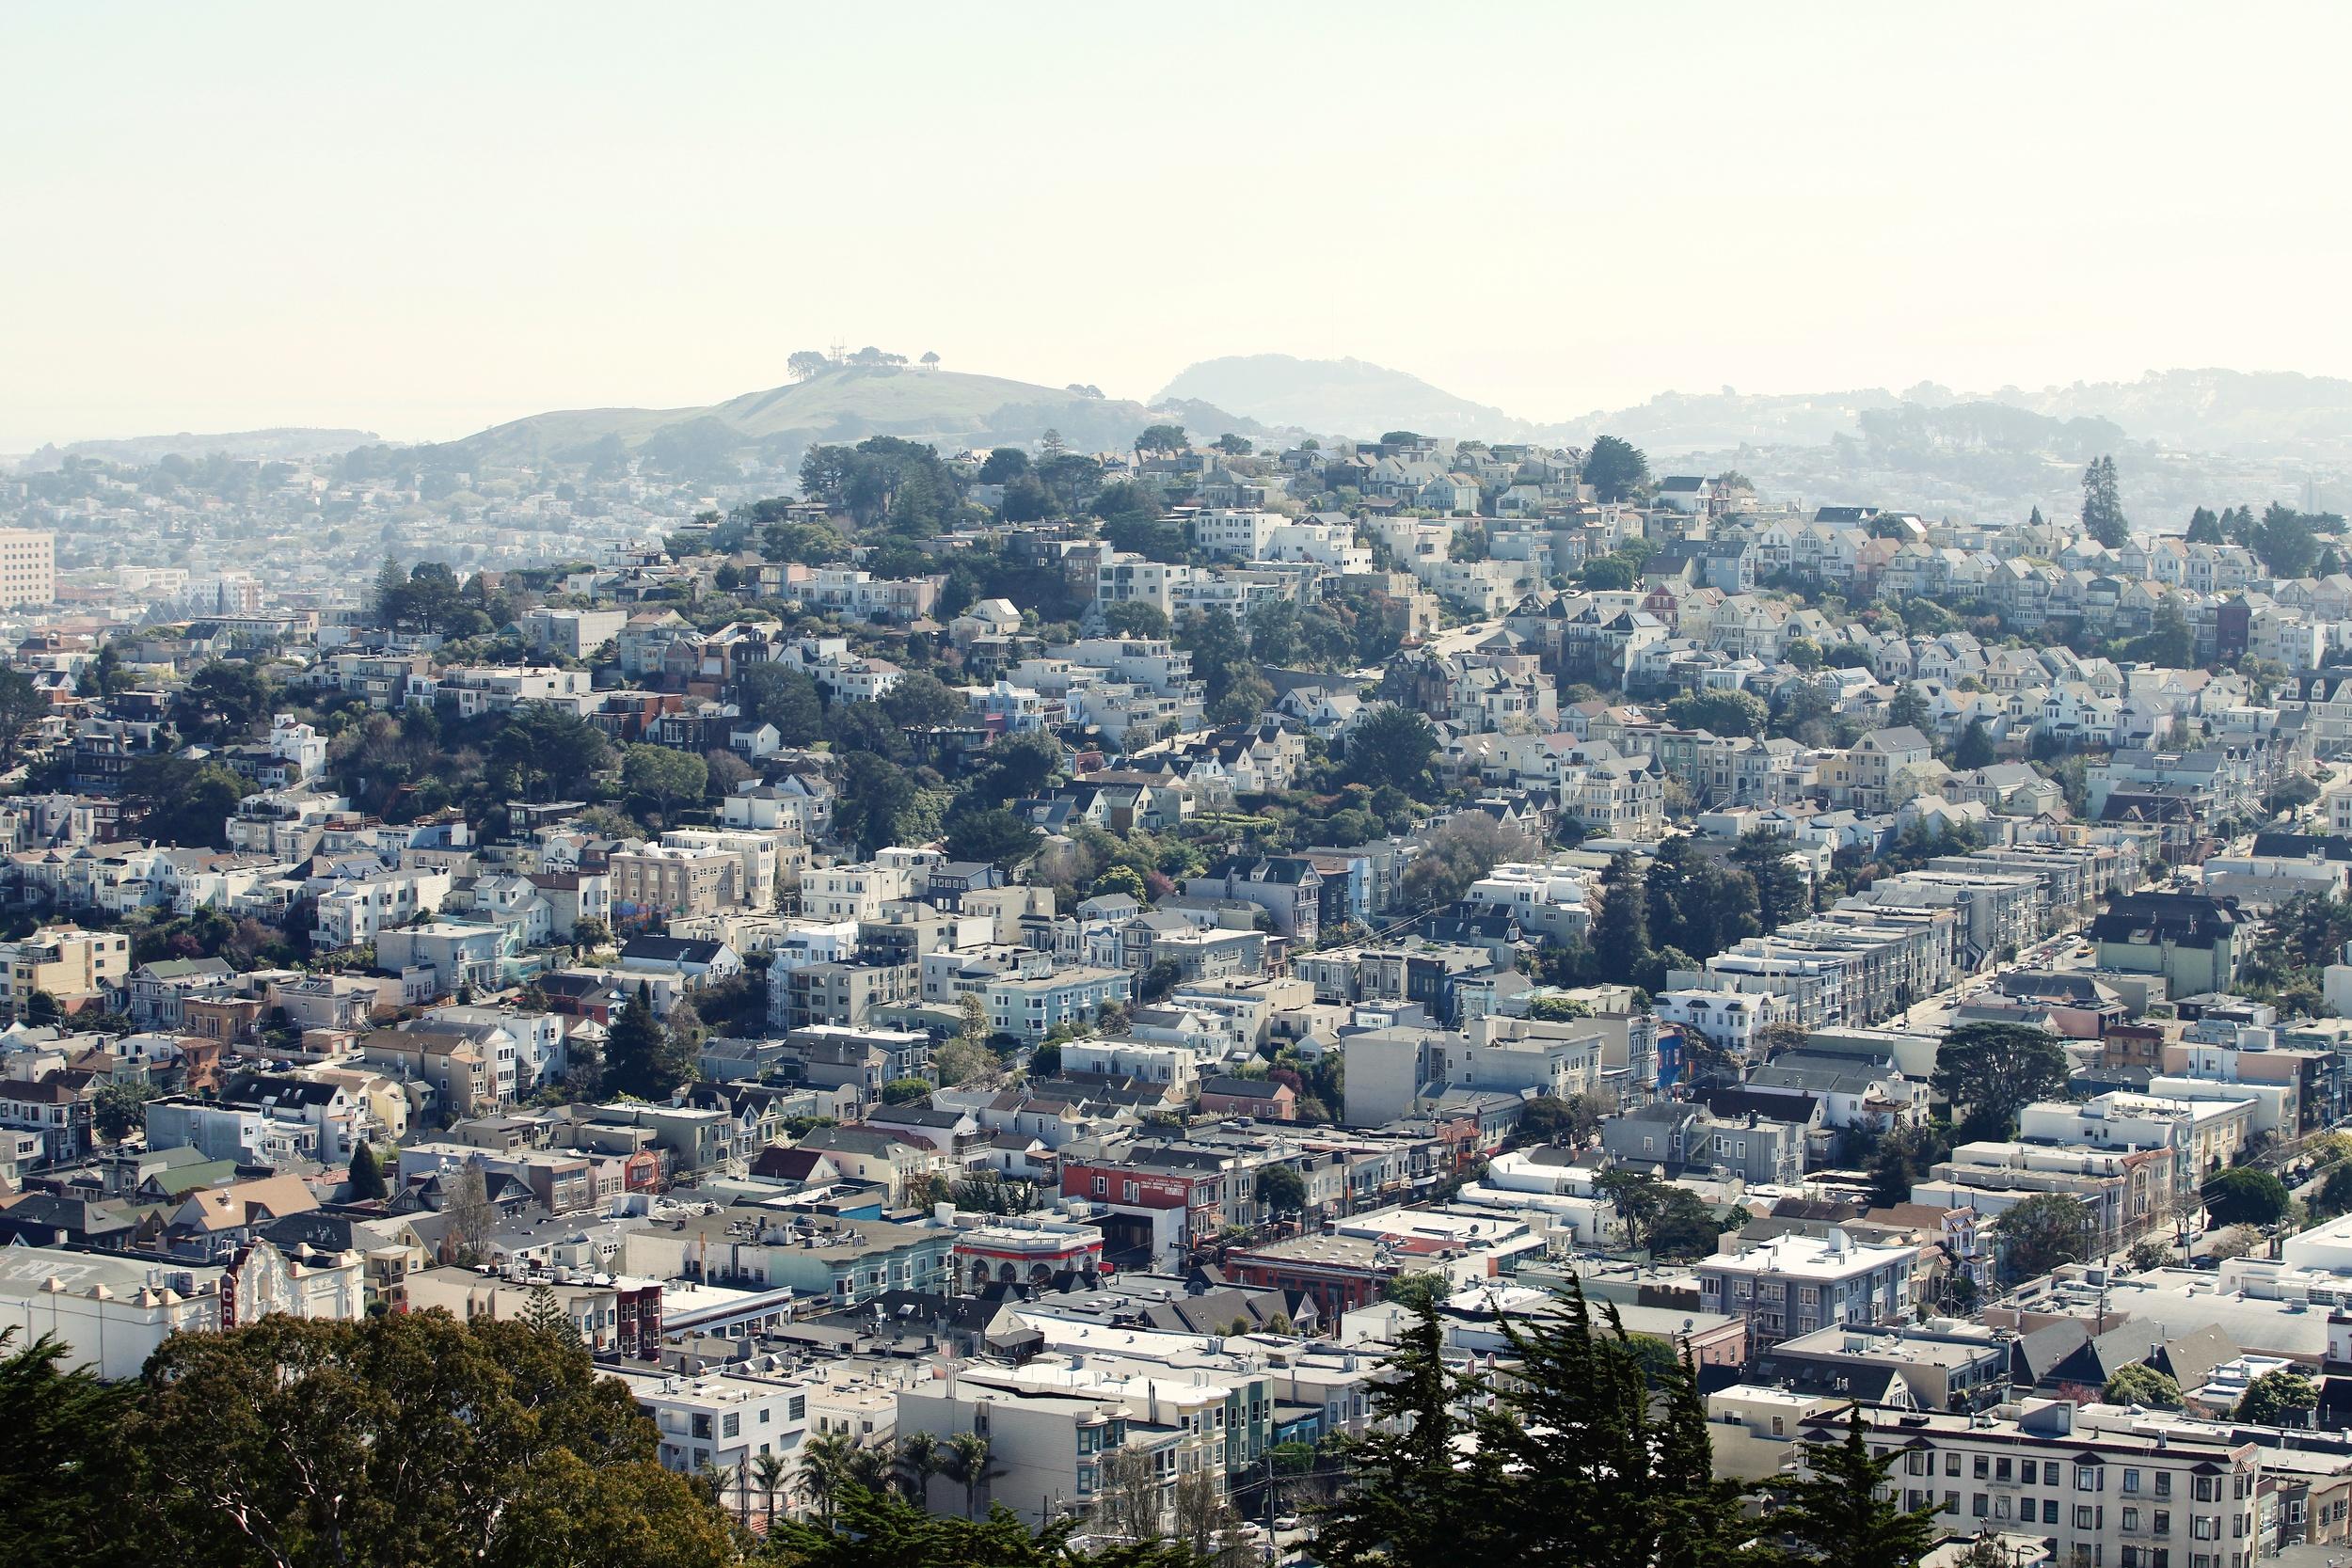 San Fran Bisco 333.jpg